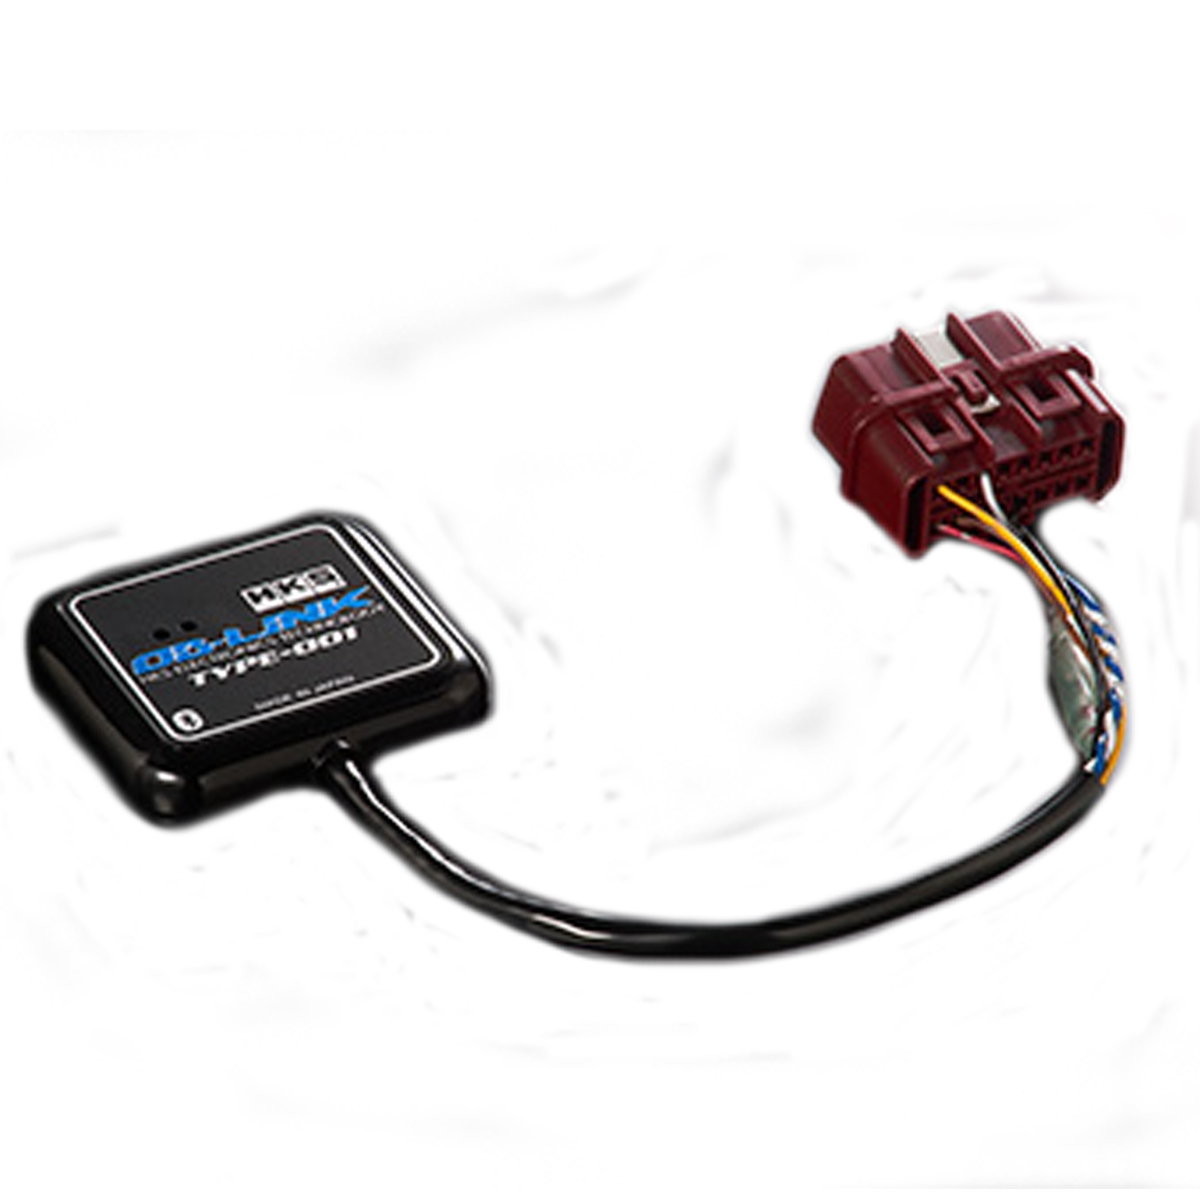 レクサス モニター OBリンク タイプ HKS 001 GYL16 モニター HKS 44009-AK002 001 エレクトリニクス, きもの屋 ゆめこもん:812804a4 --- sunward.msk.ru